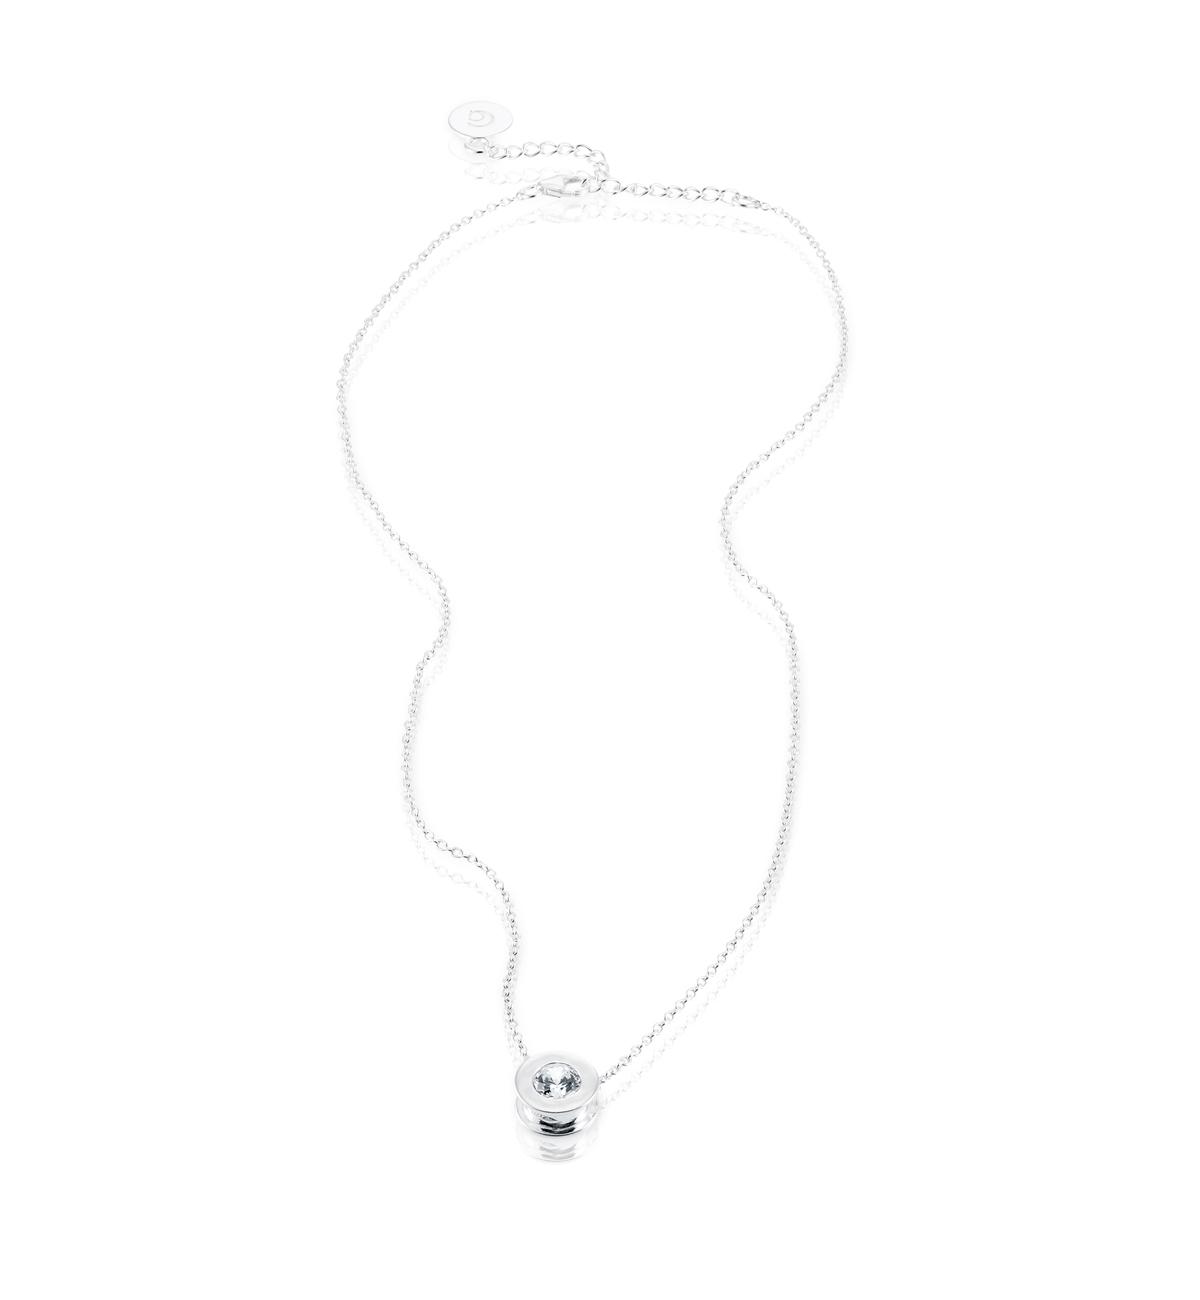 : - Älskad halsband